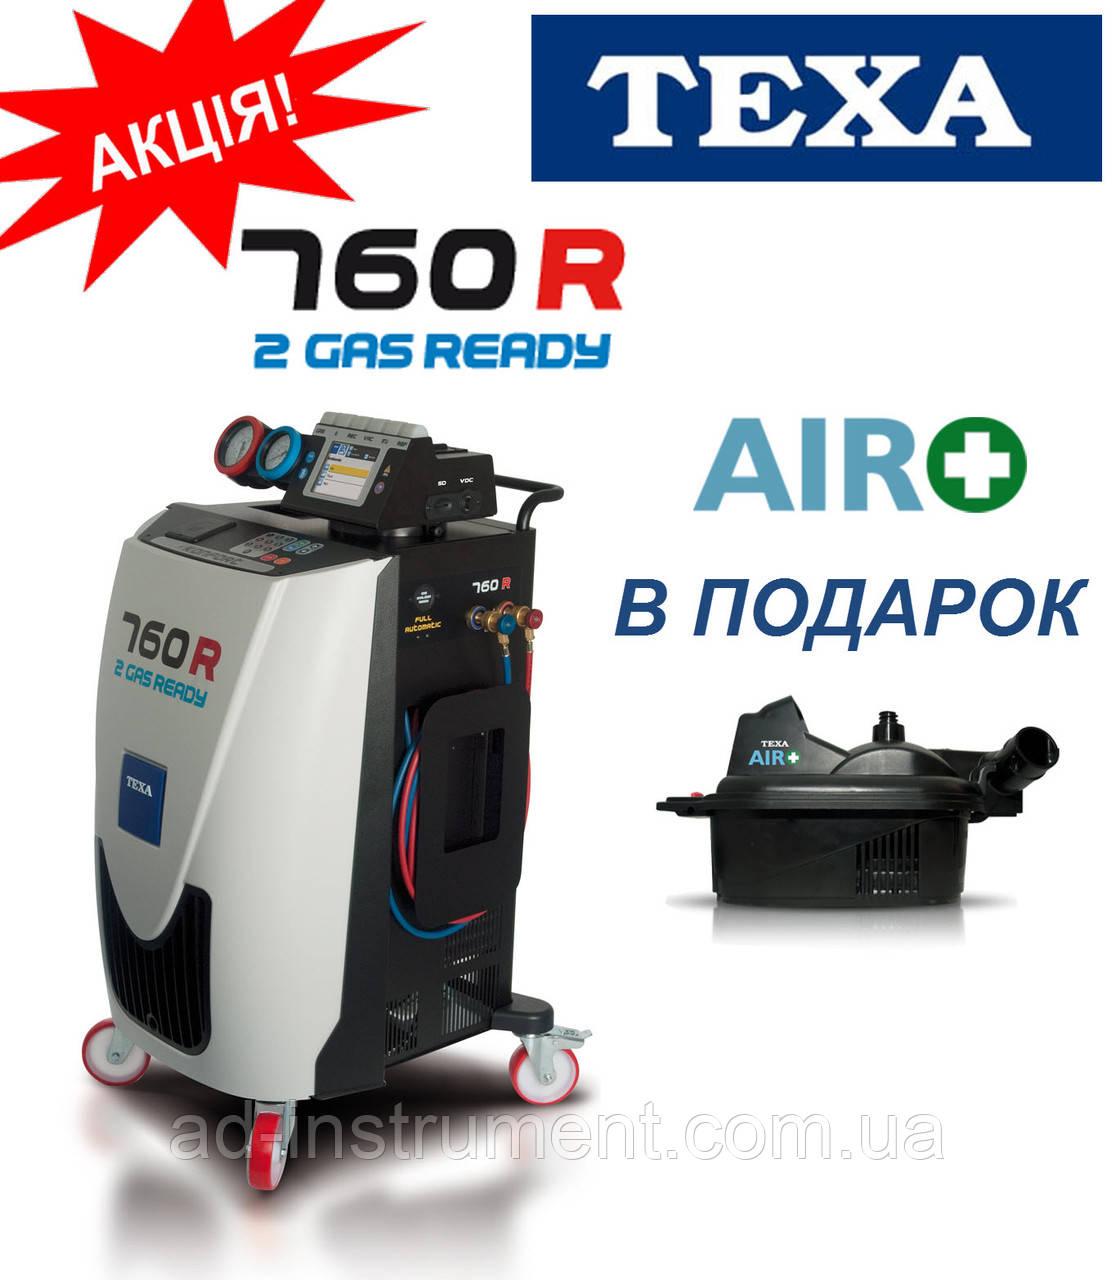 """Акция !!! Konfort 760R Texa Автоматическая установка для заправки автокондиционеров + AIR+ в подарок !!! - ТОВ """"АД-Інструмент"""" в Киеве"""